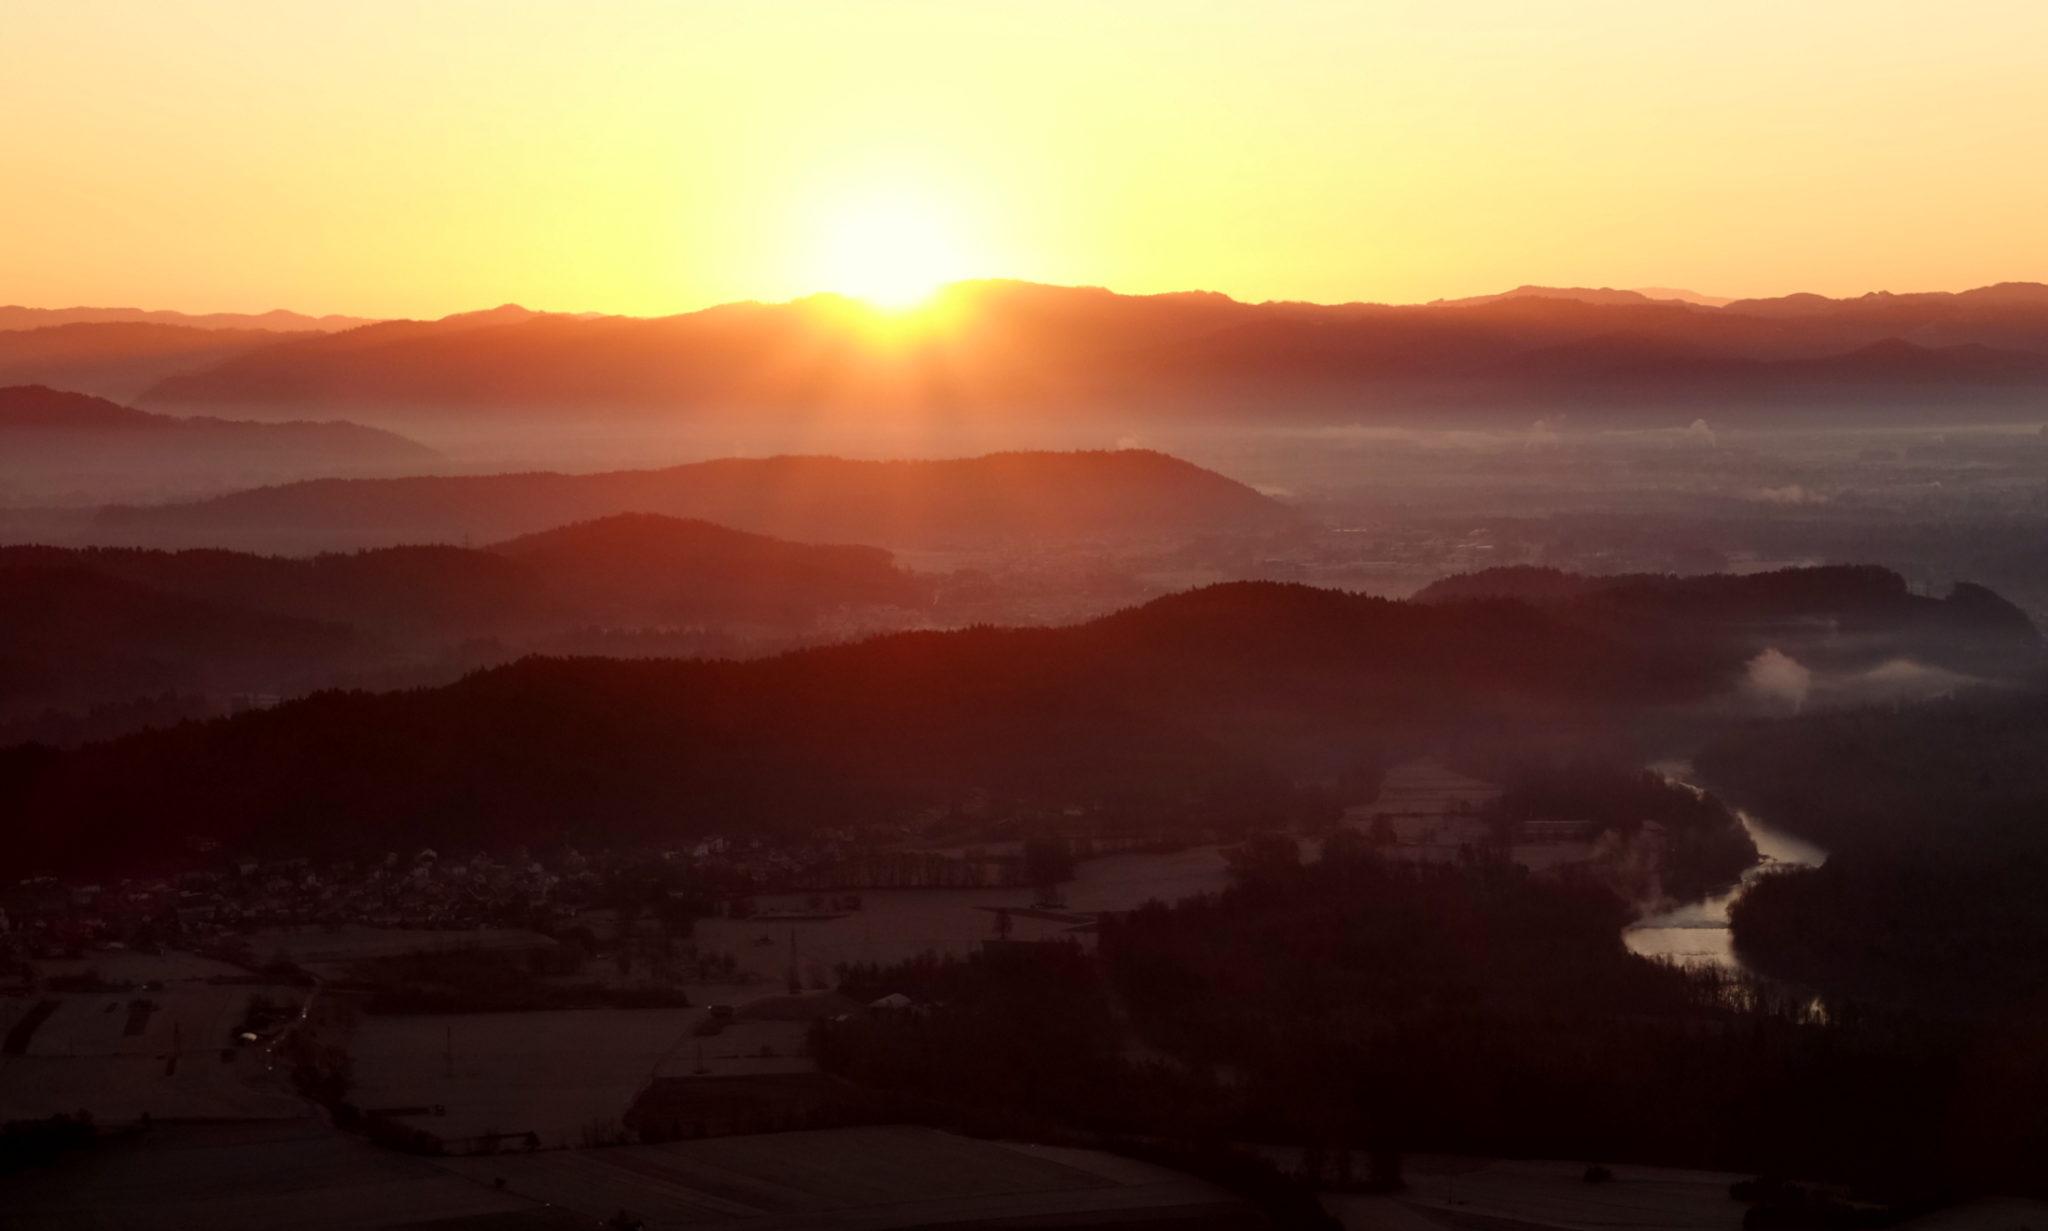 Sunrise on Šmarna gora